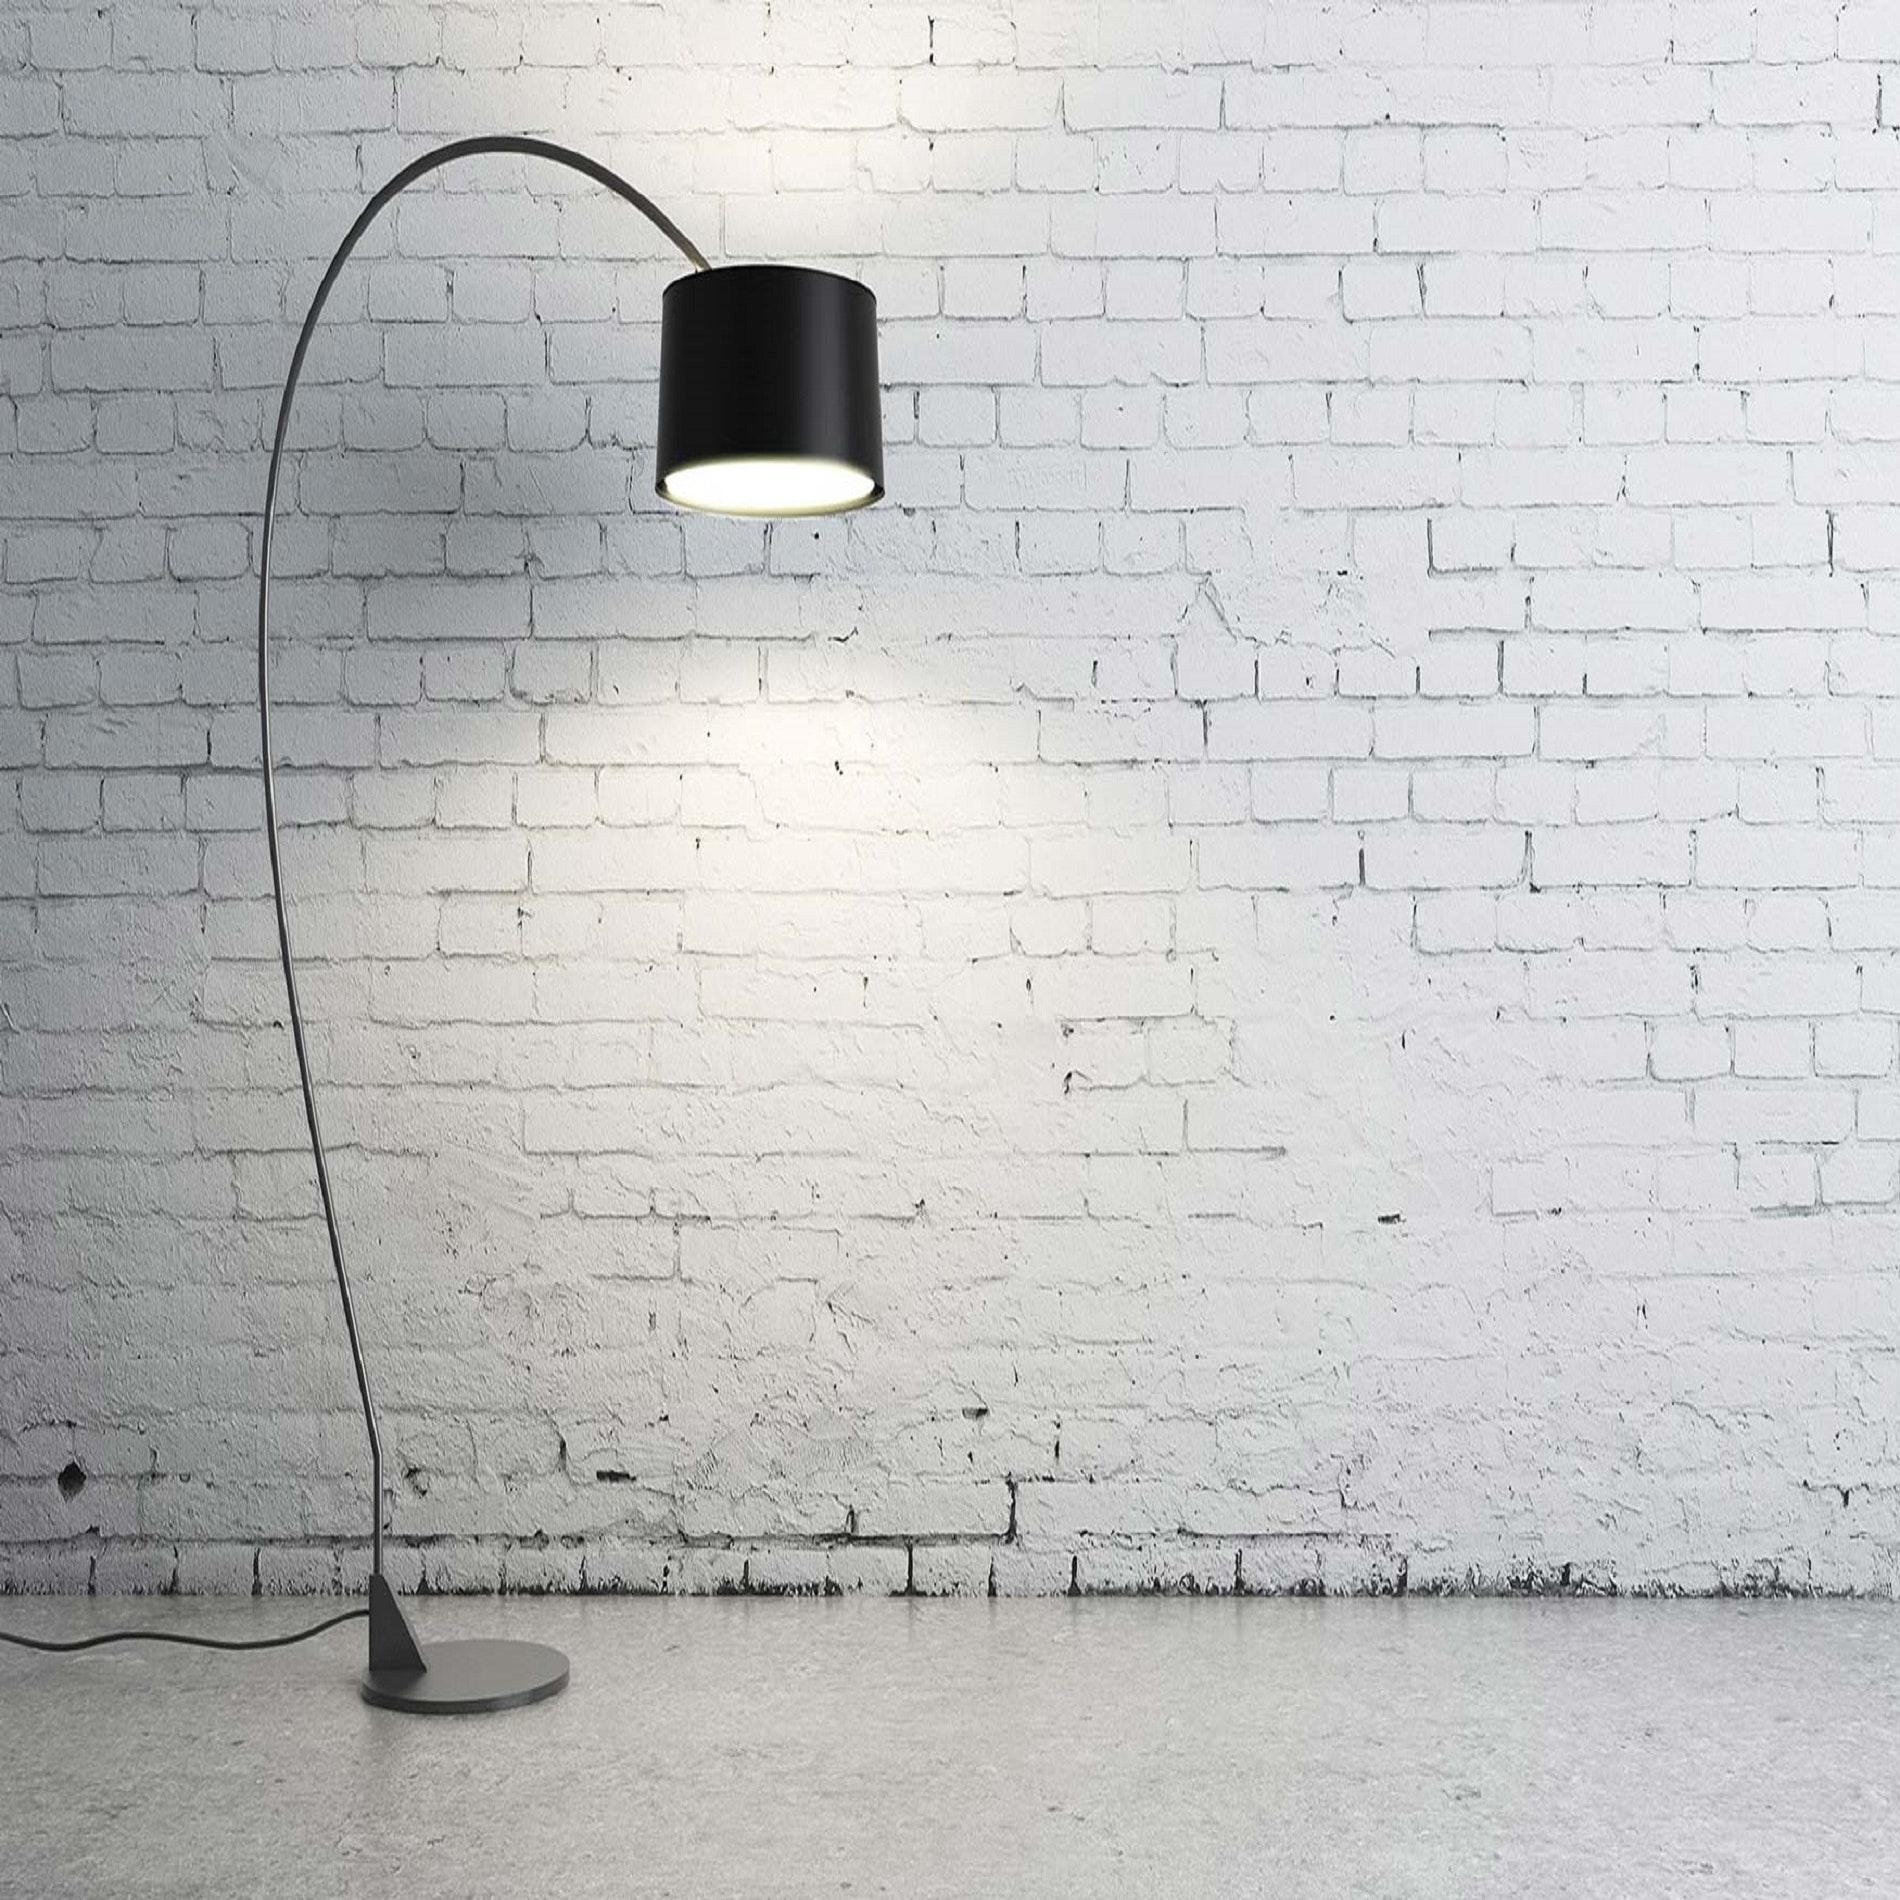 Stort udvalg af Murano lamper og franske metalmøbler på www.modernlamps.dk